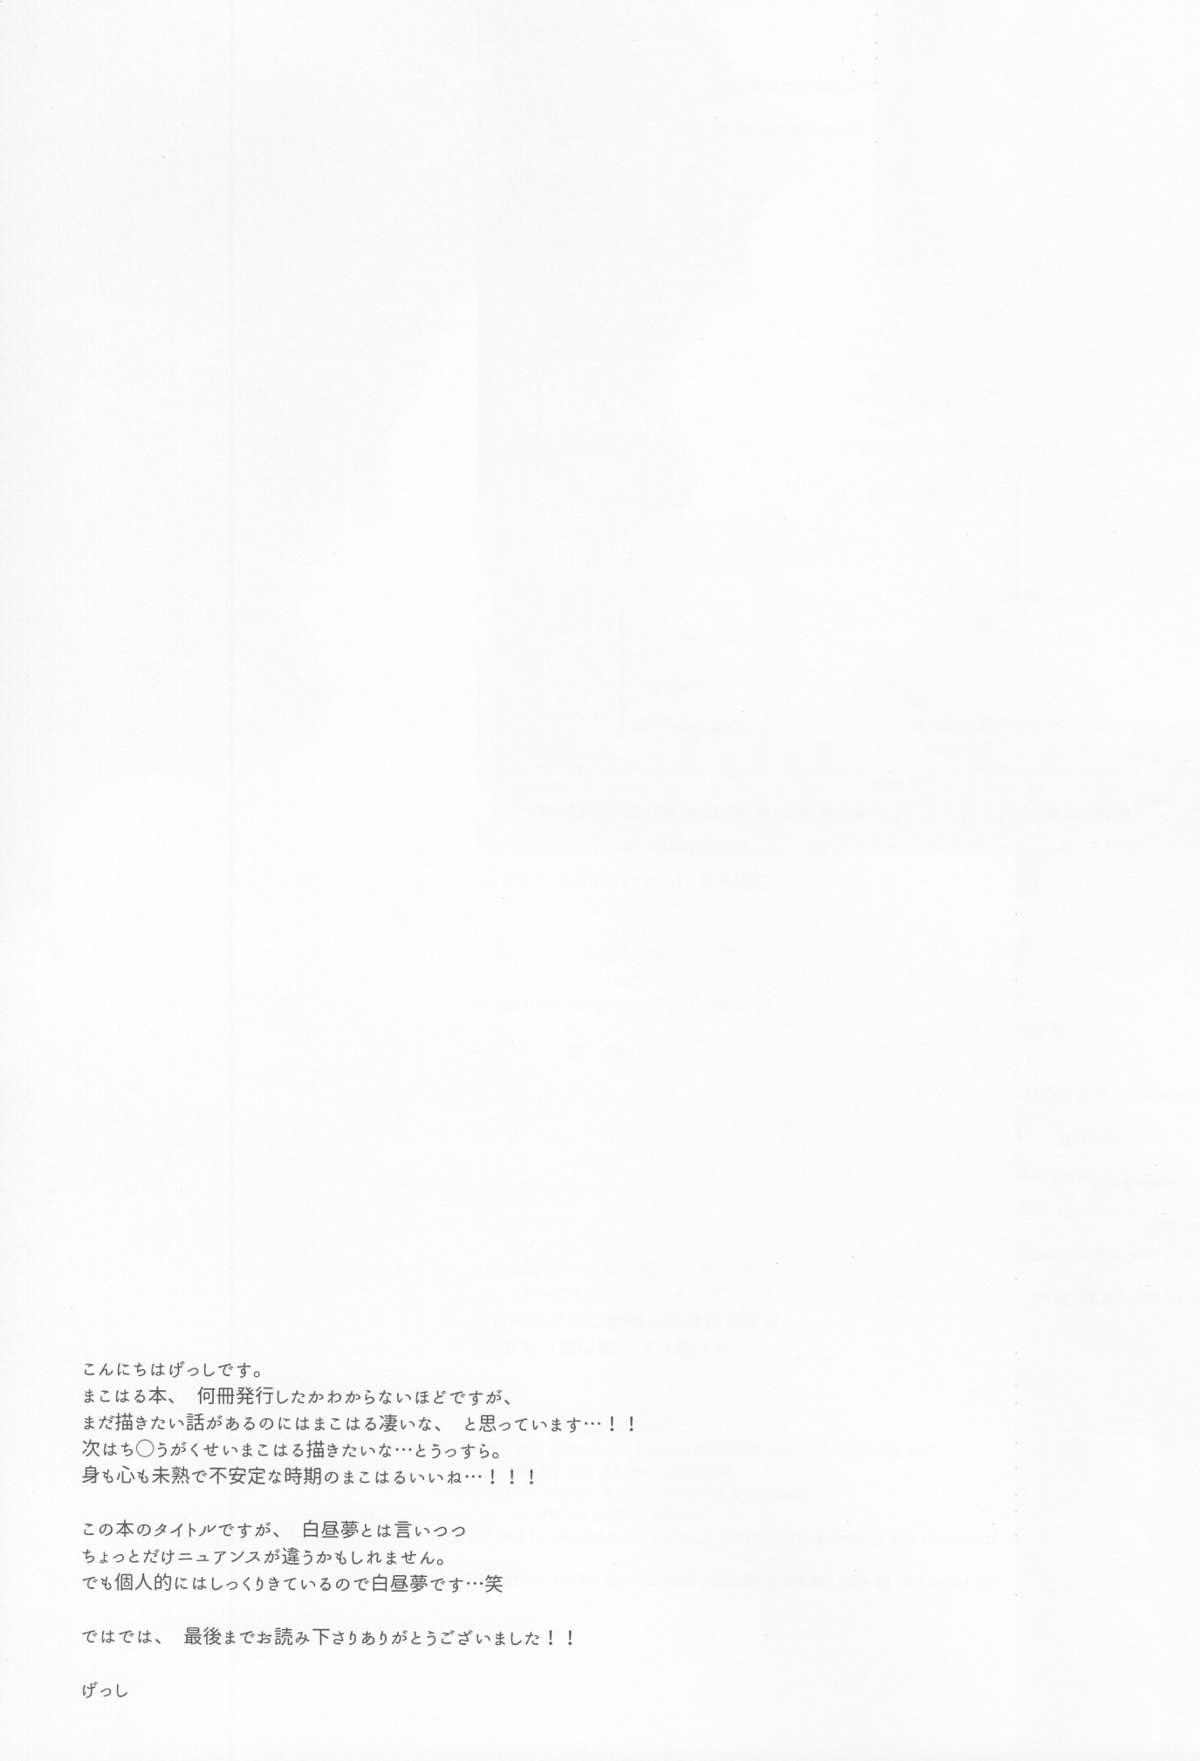 Manatsu no hakuchuumu 27